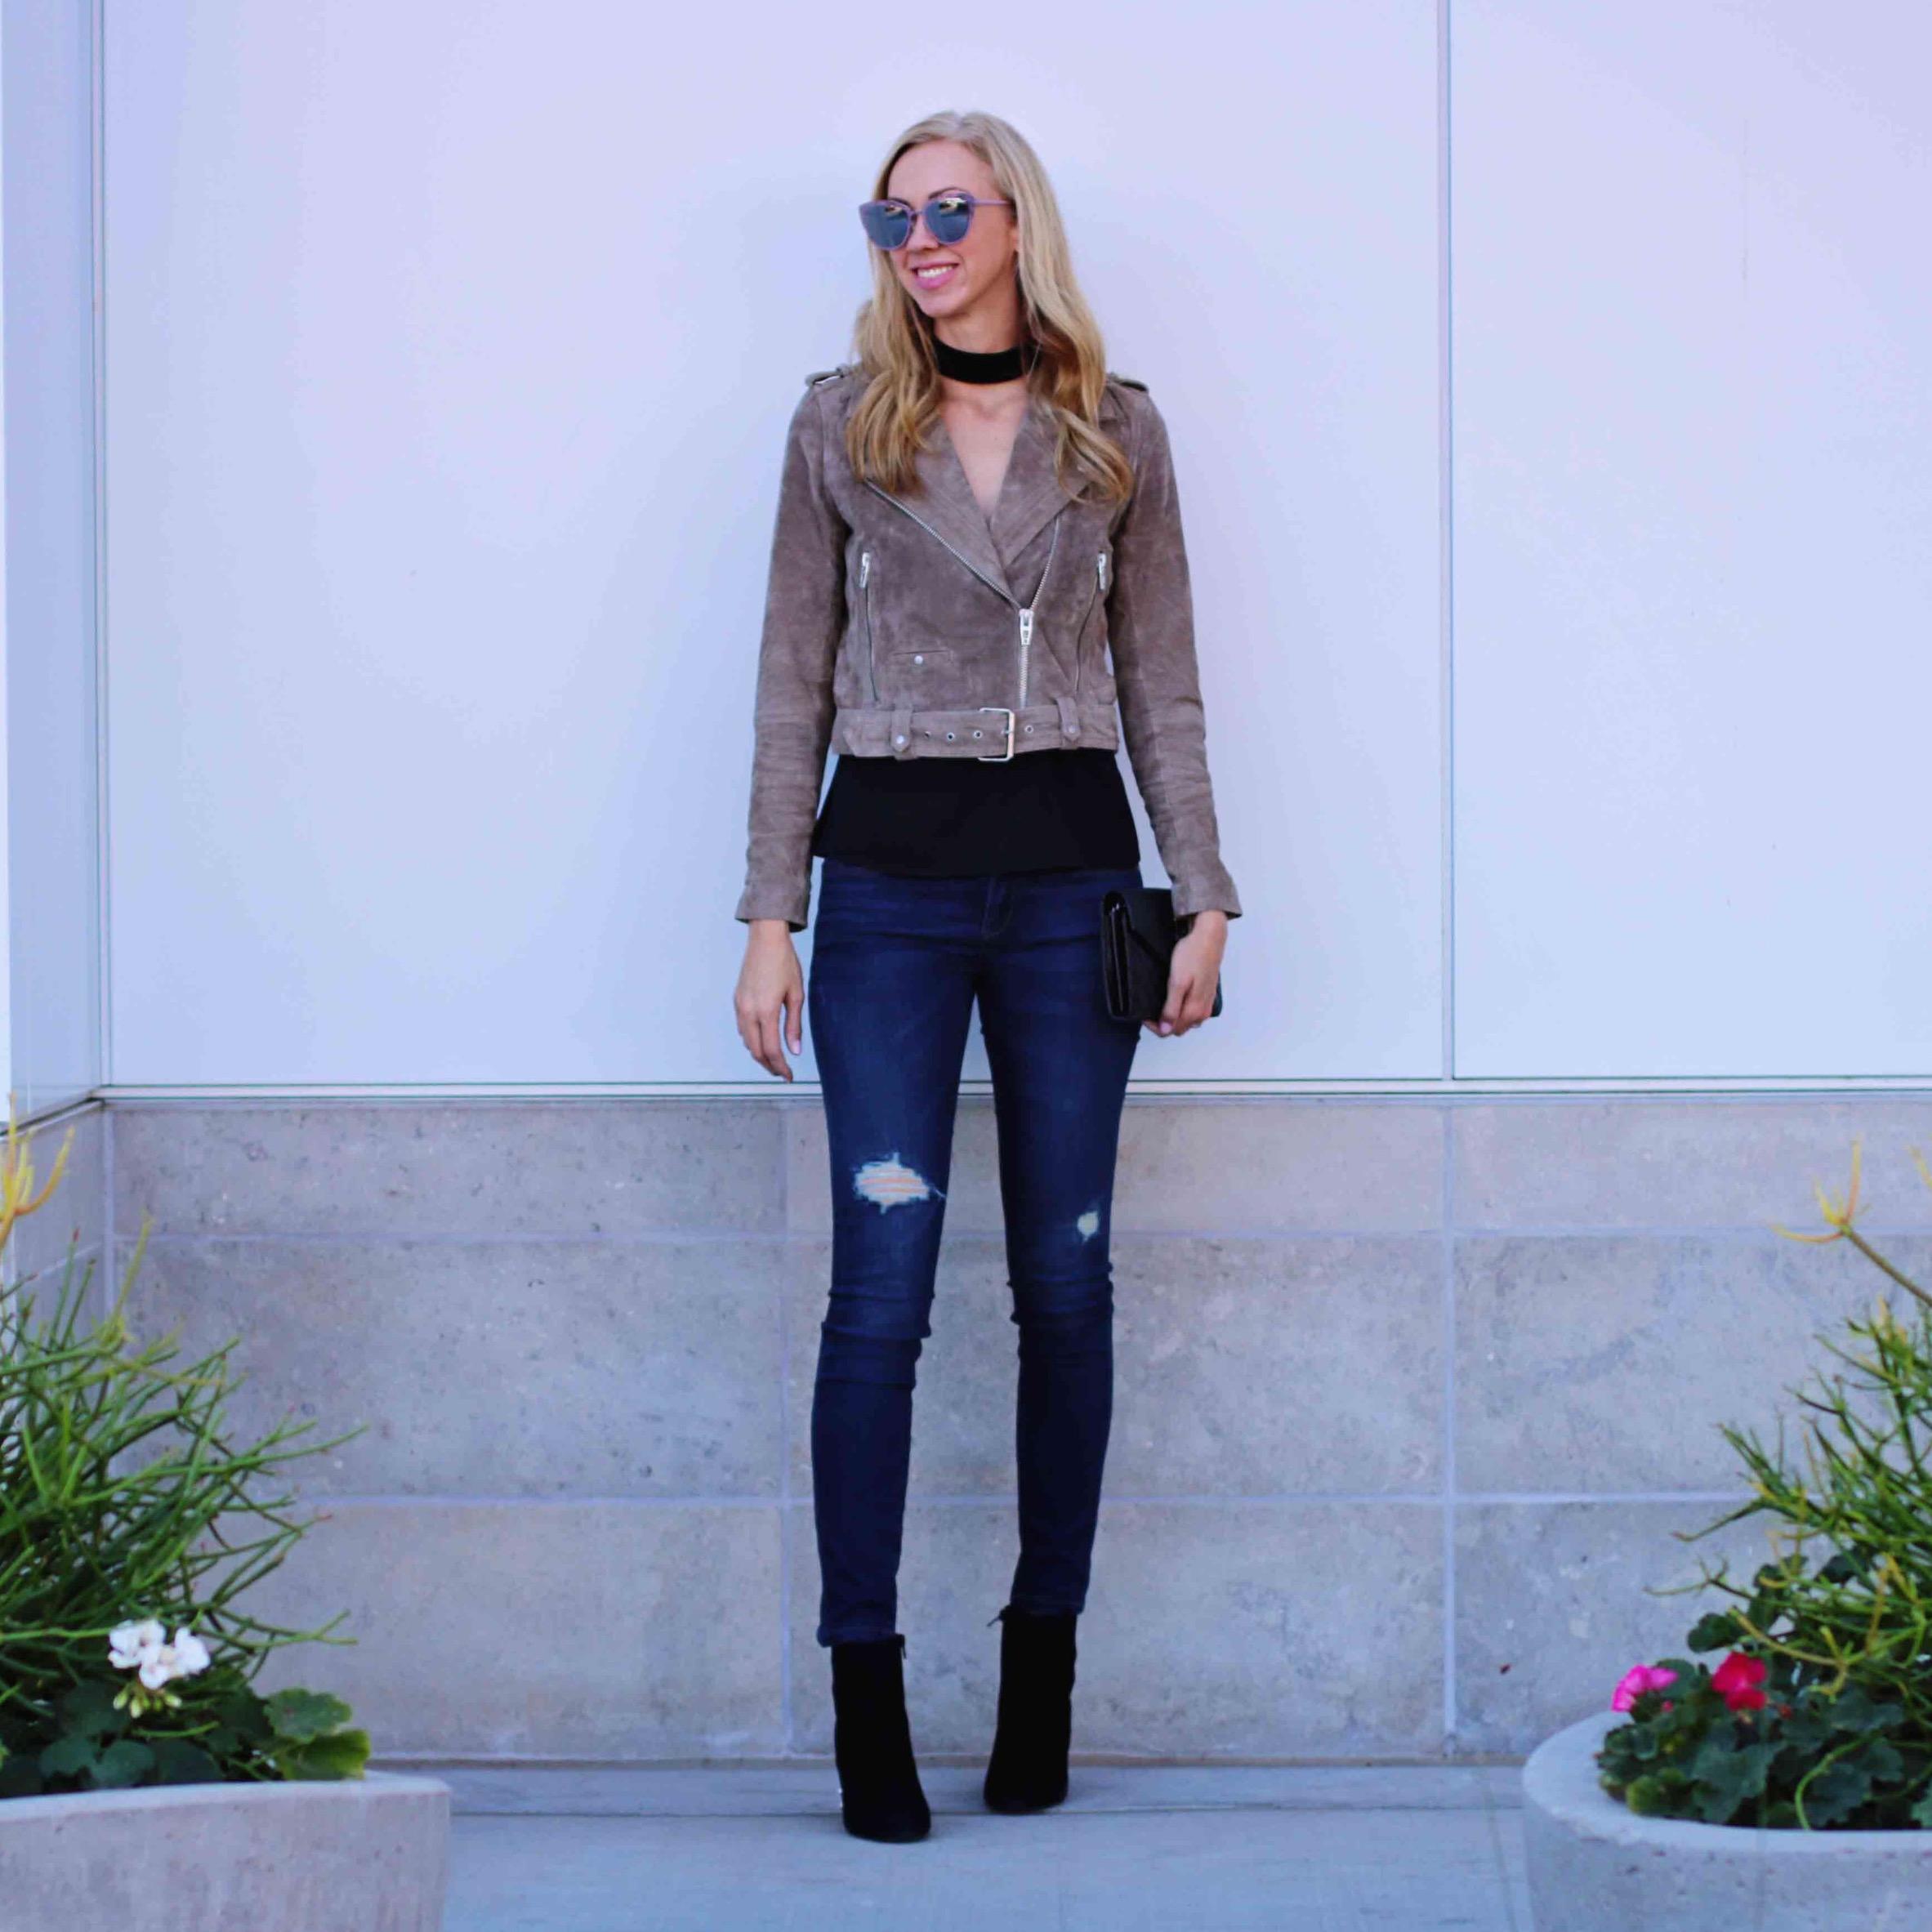 Blank-NYC-suede-moto-jacket-ripped-denim-jeans.jpg